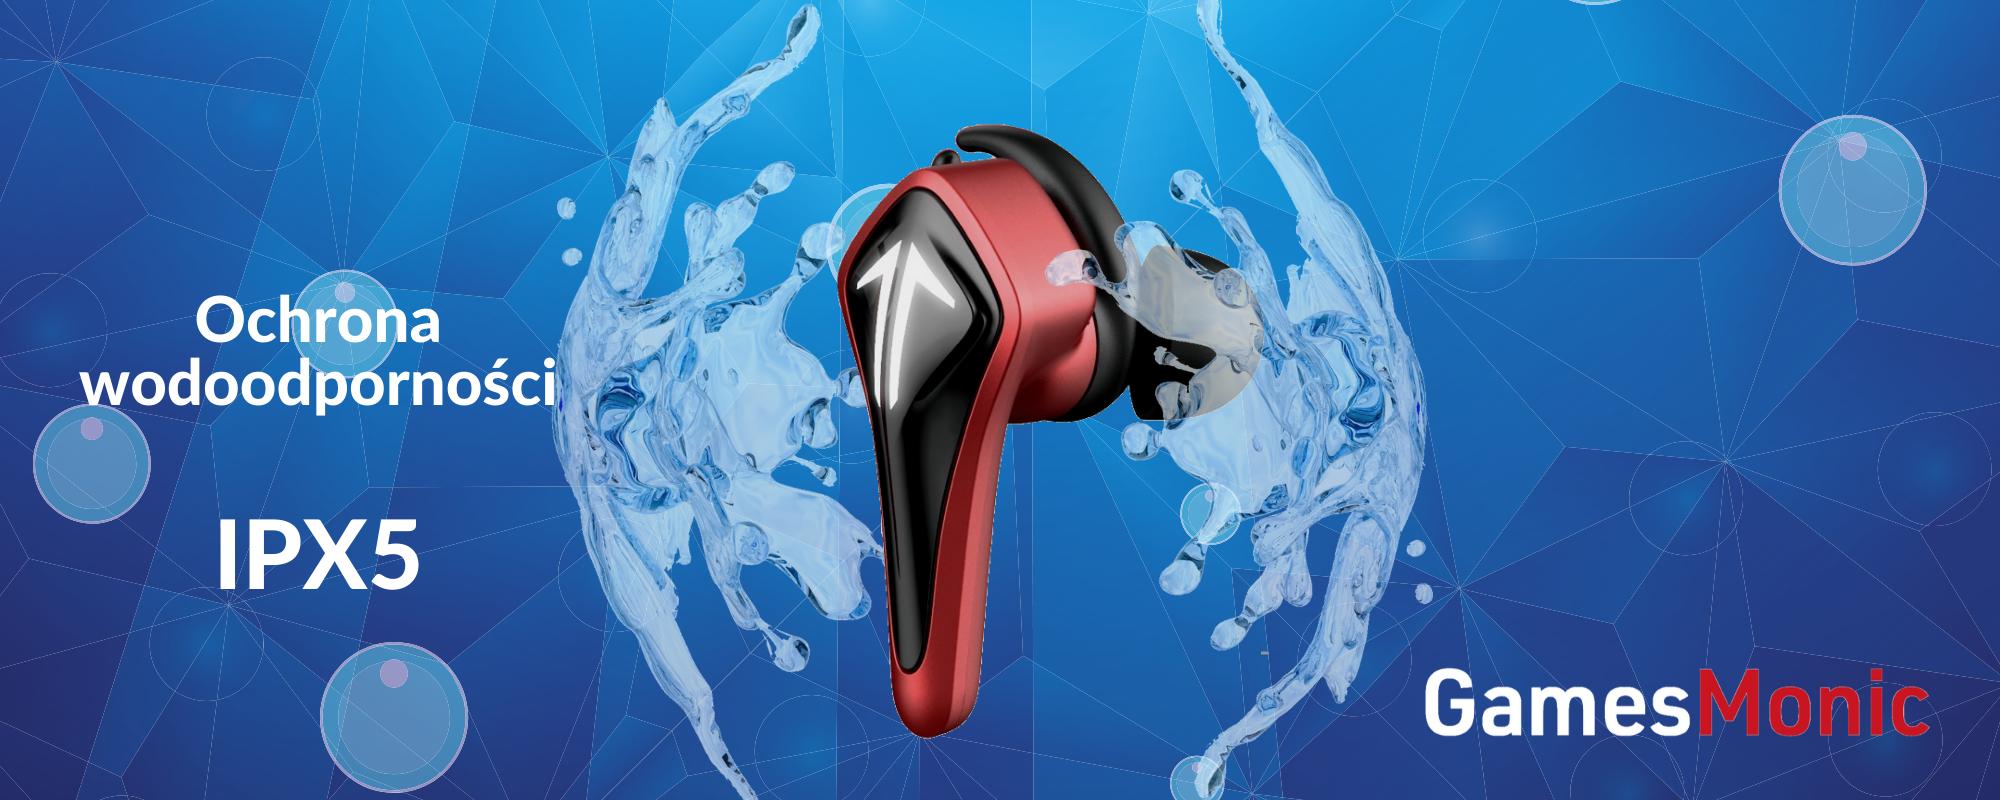 Wodoodporna ochrona IPX5